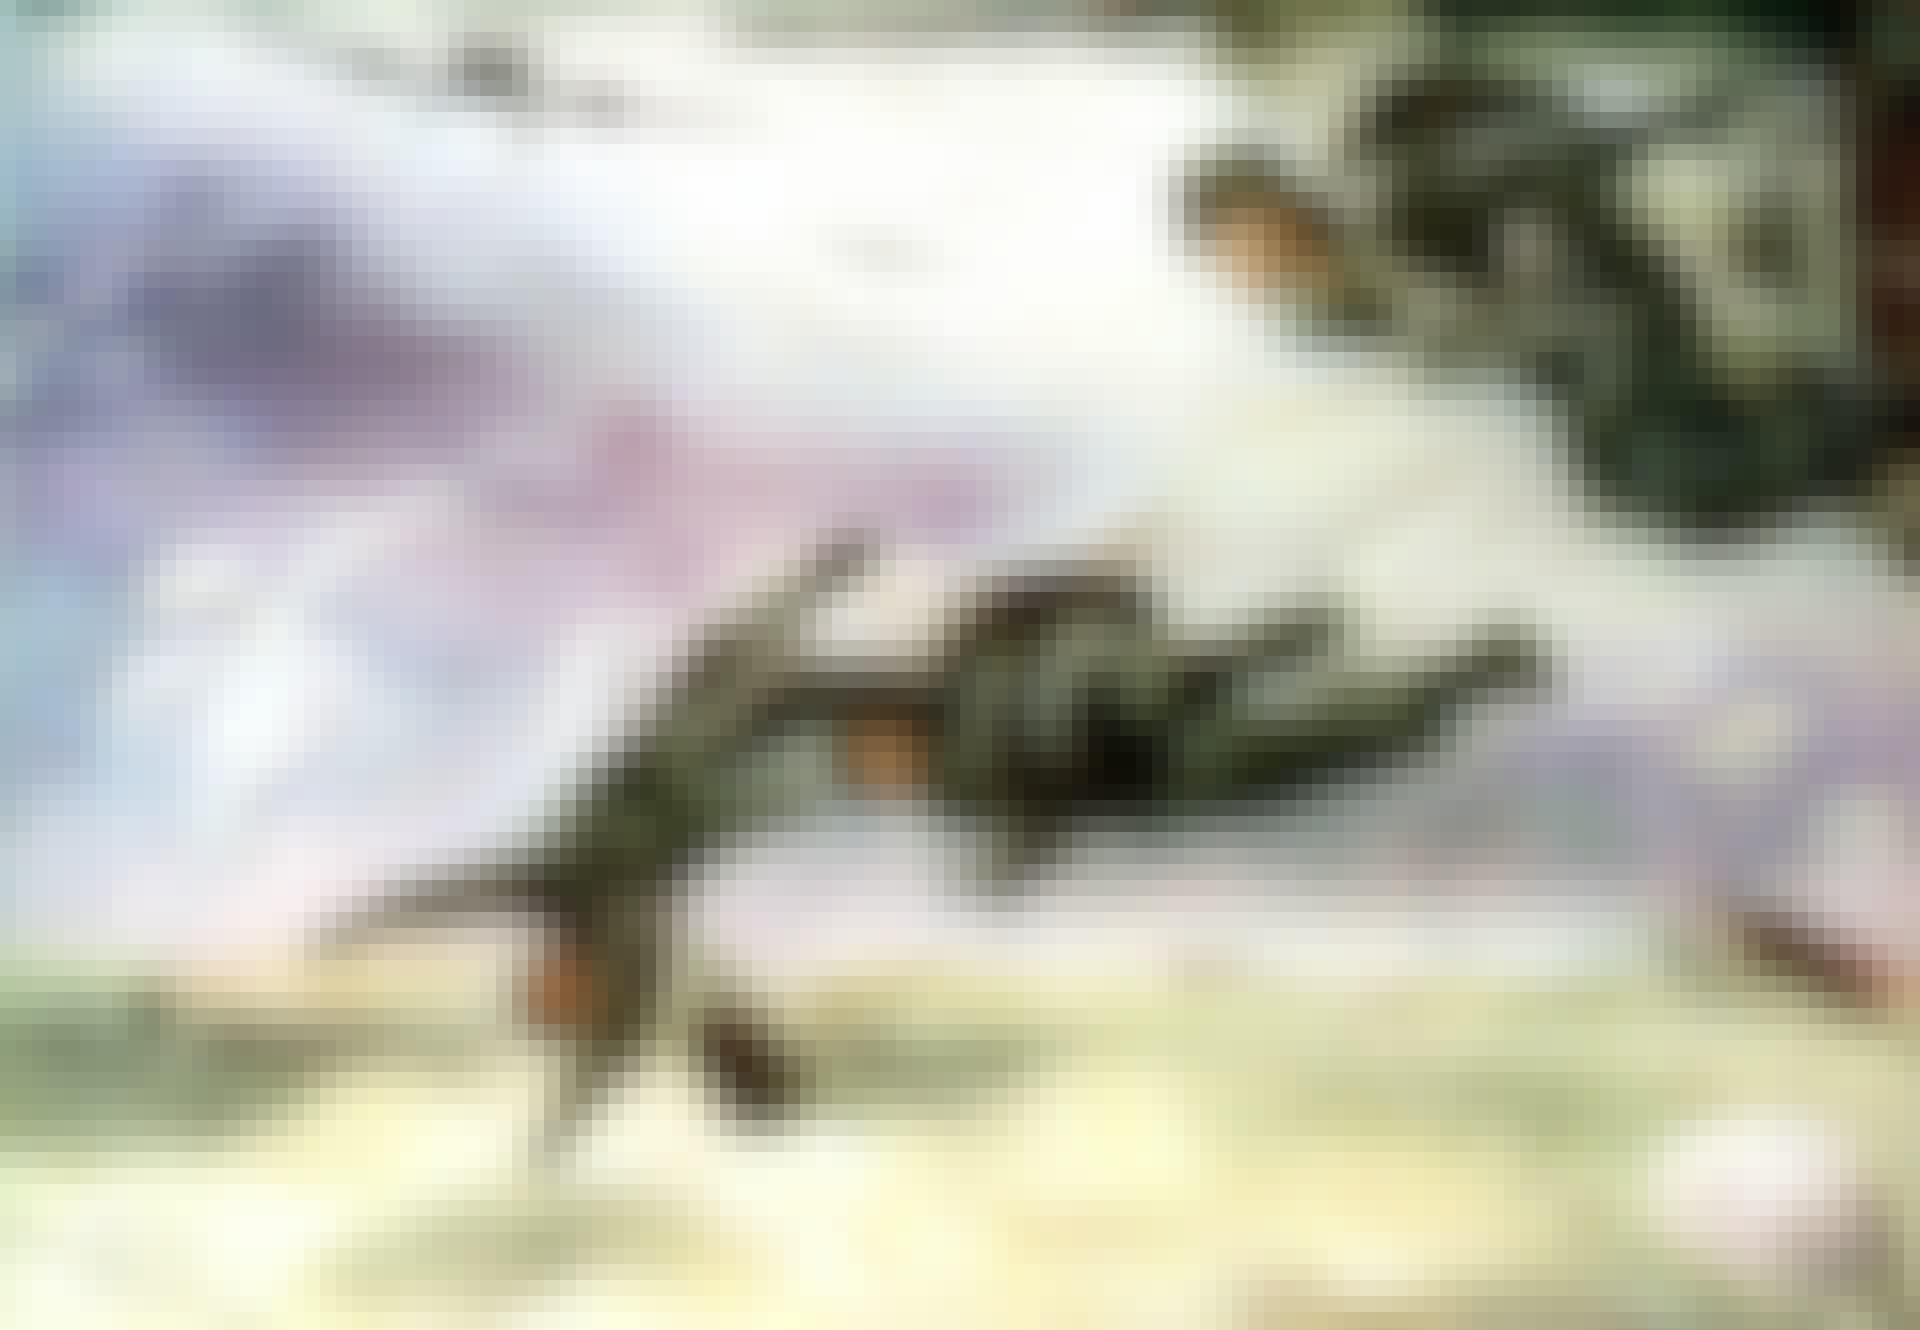 fallskärmsjägarenheter genomförde den första luftinvasionen när de invaderade danmark